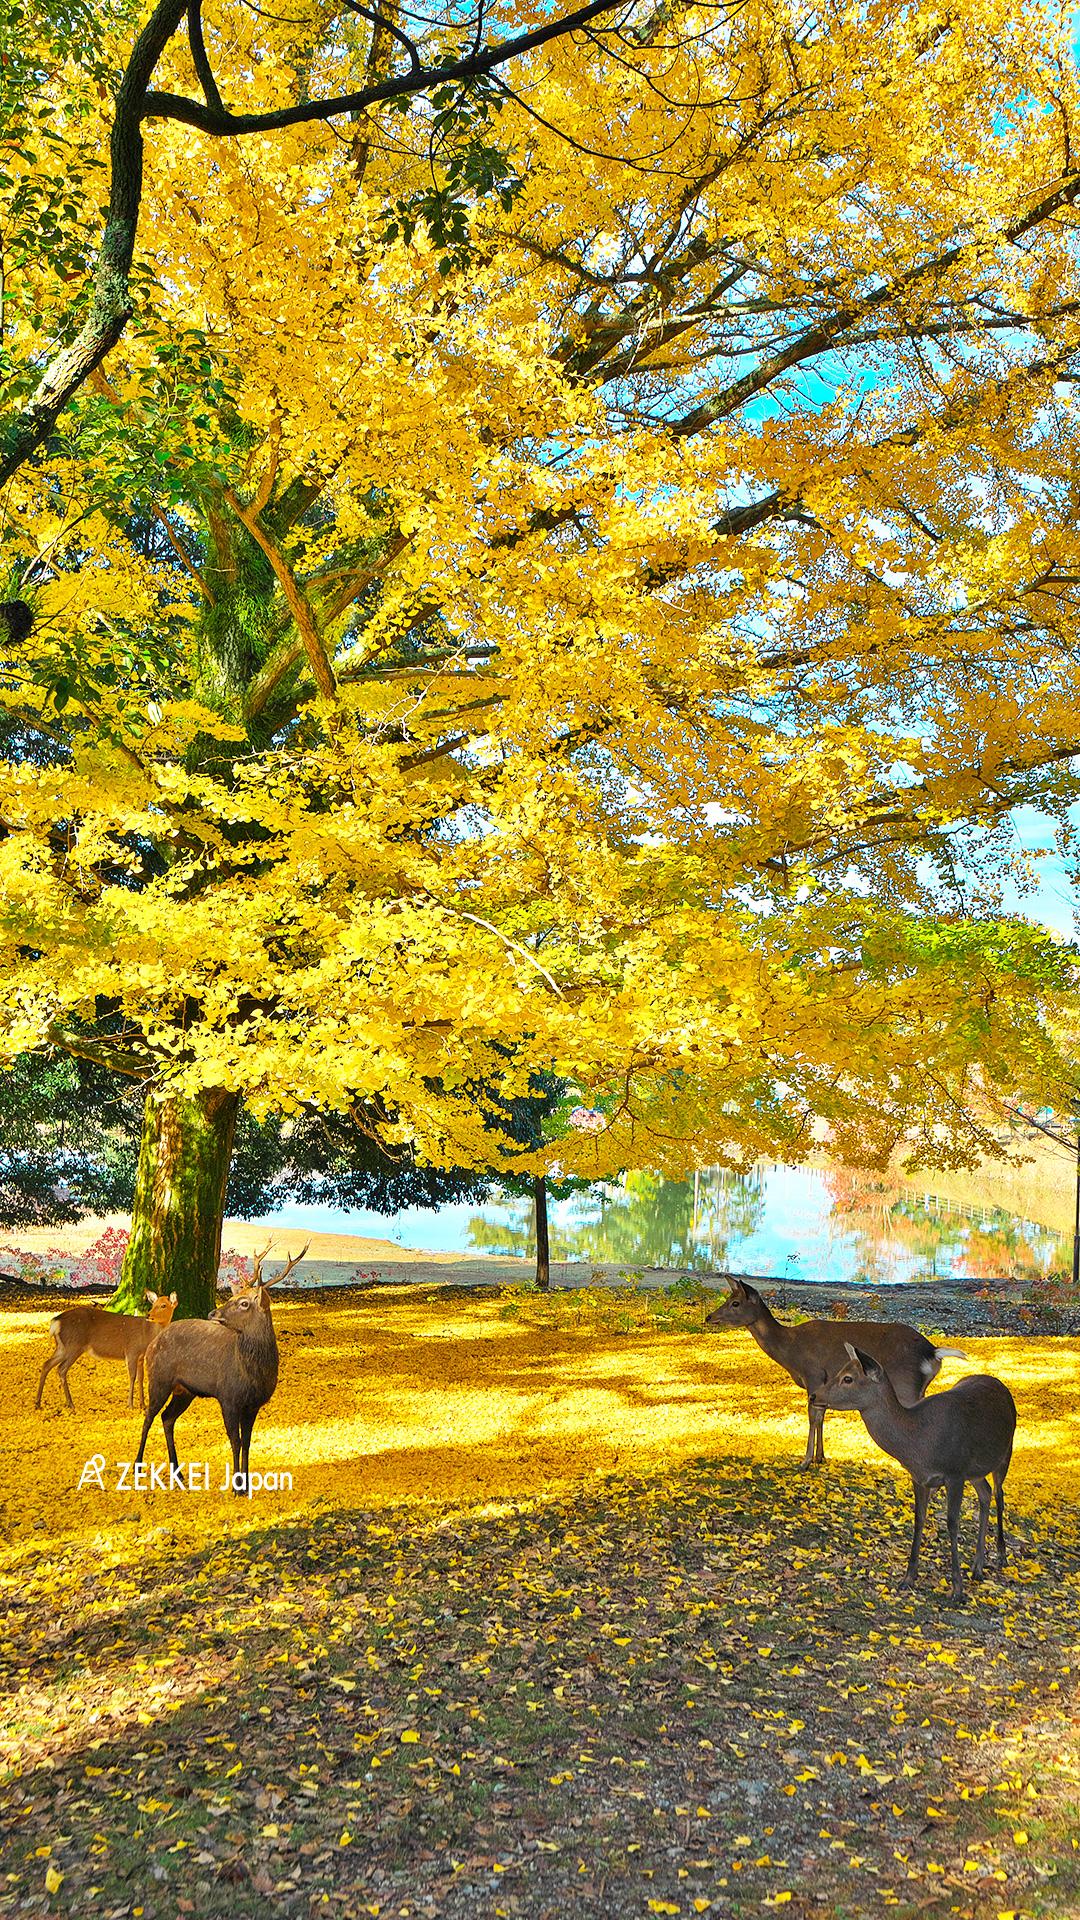 絶景壁紙 黄金に染まるいちょう並木の散歩道を あなたのパソコンや